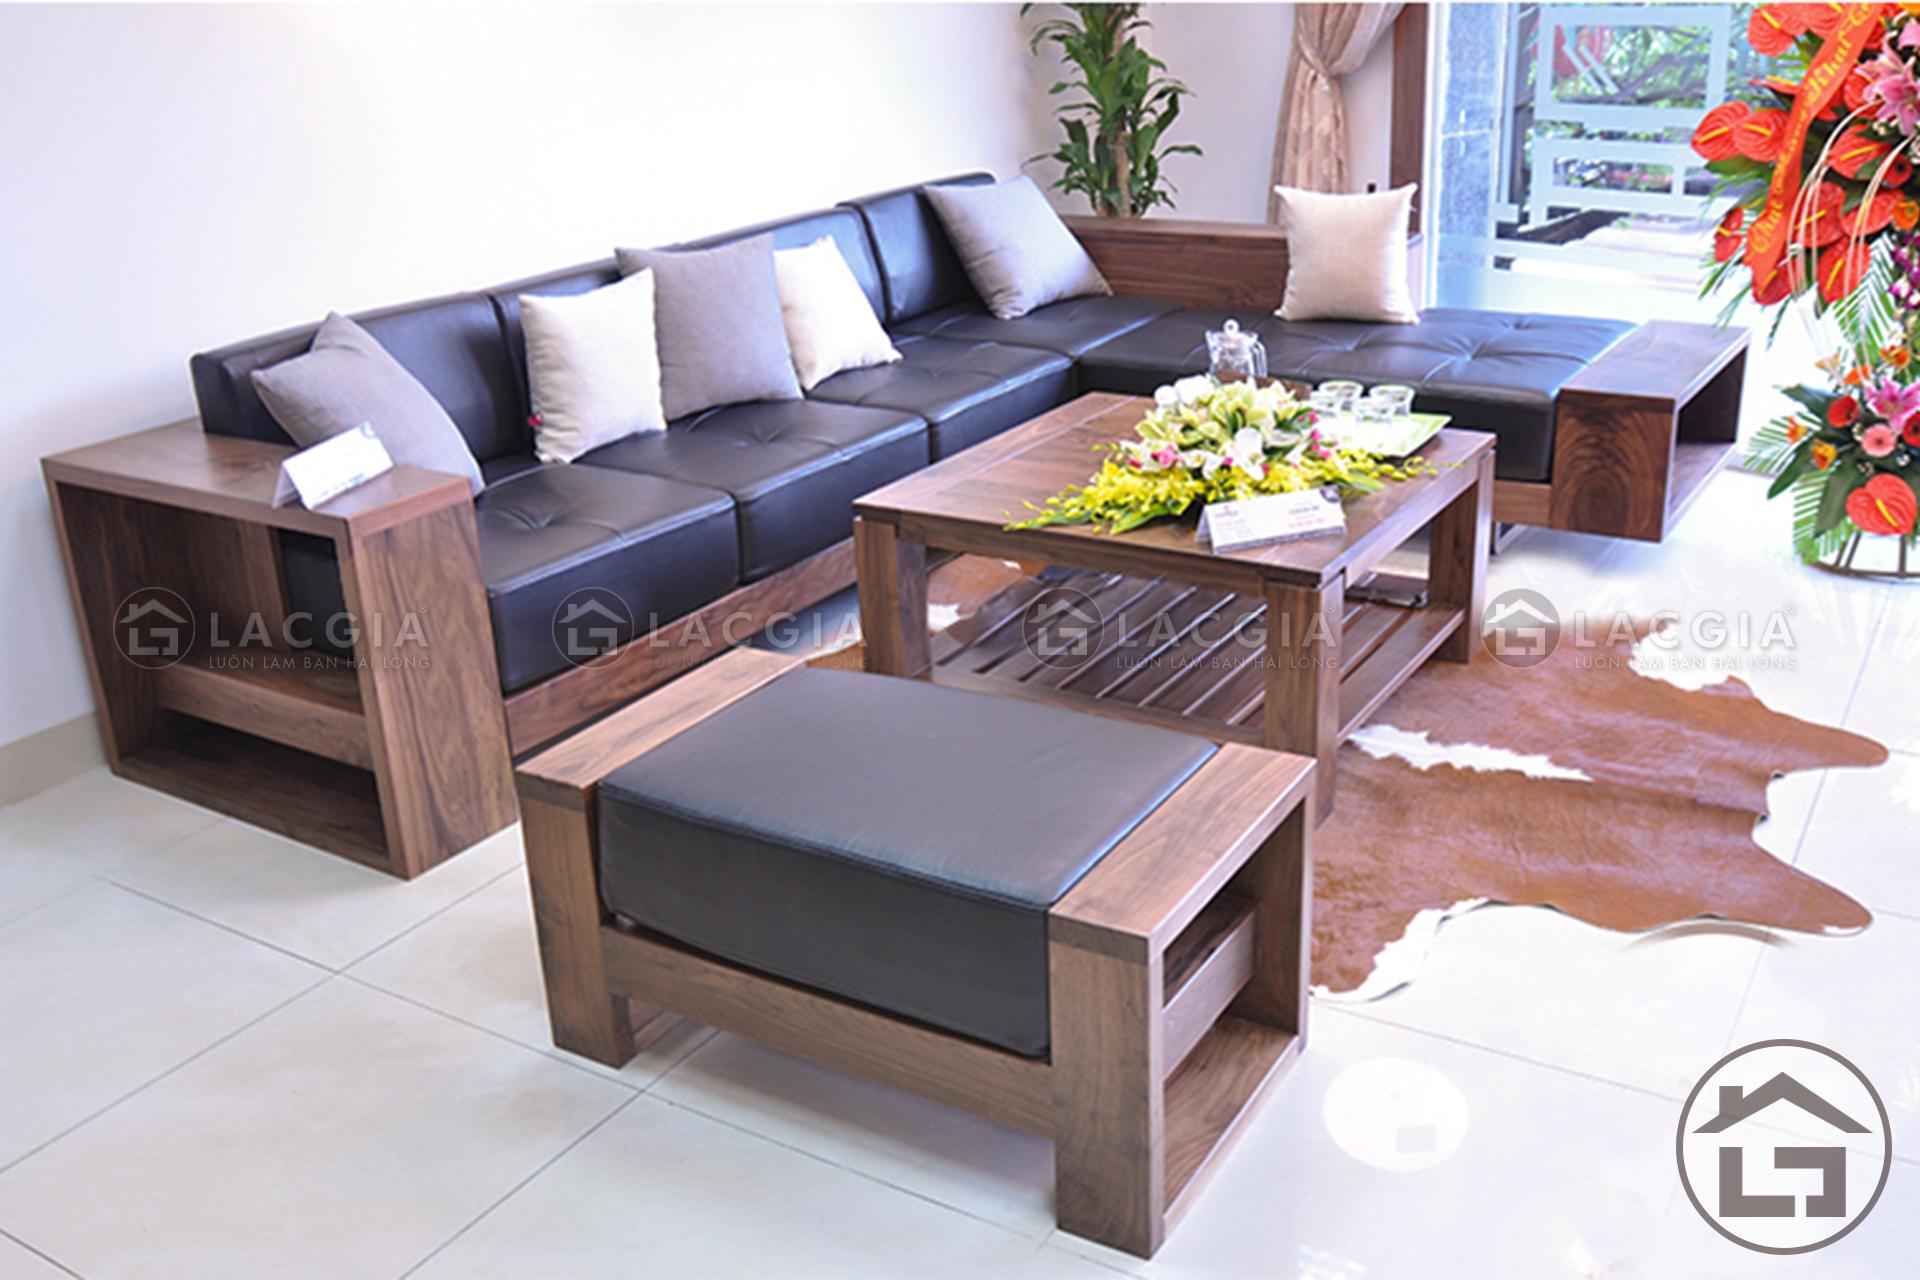 Sofa go chu L hien dai 6 - Cách chọn thảm trải sàn sofa gỗ đẹp cho không gian phòng khách